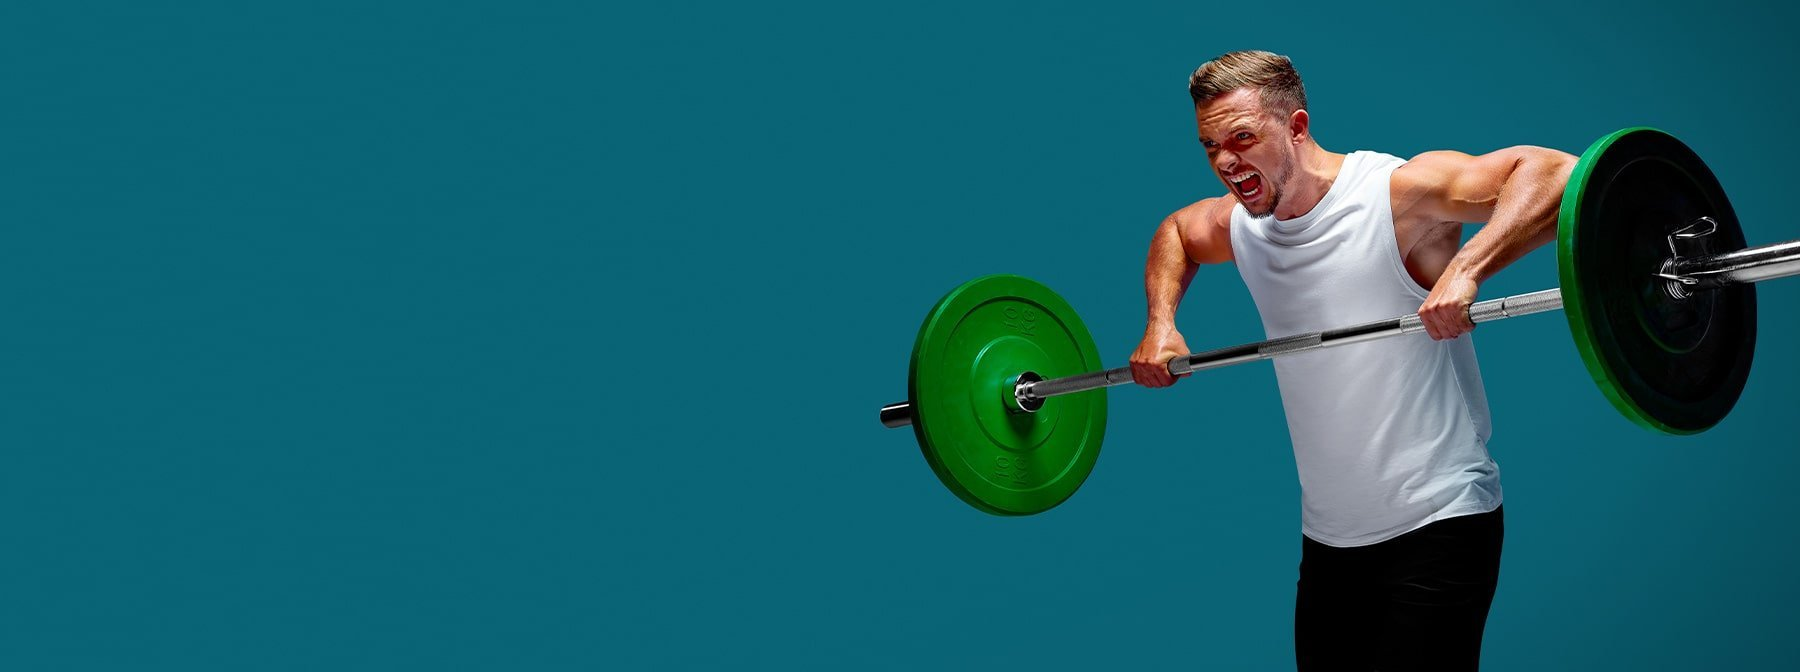 Ausreden auf dem Prüfstand, Muskelkonfusion & Ansichten zu Veganern | Die Top-Studien der Woche